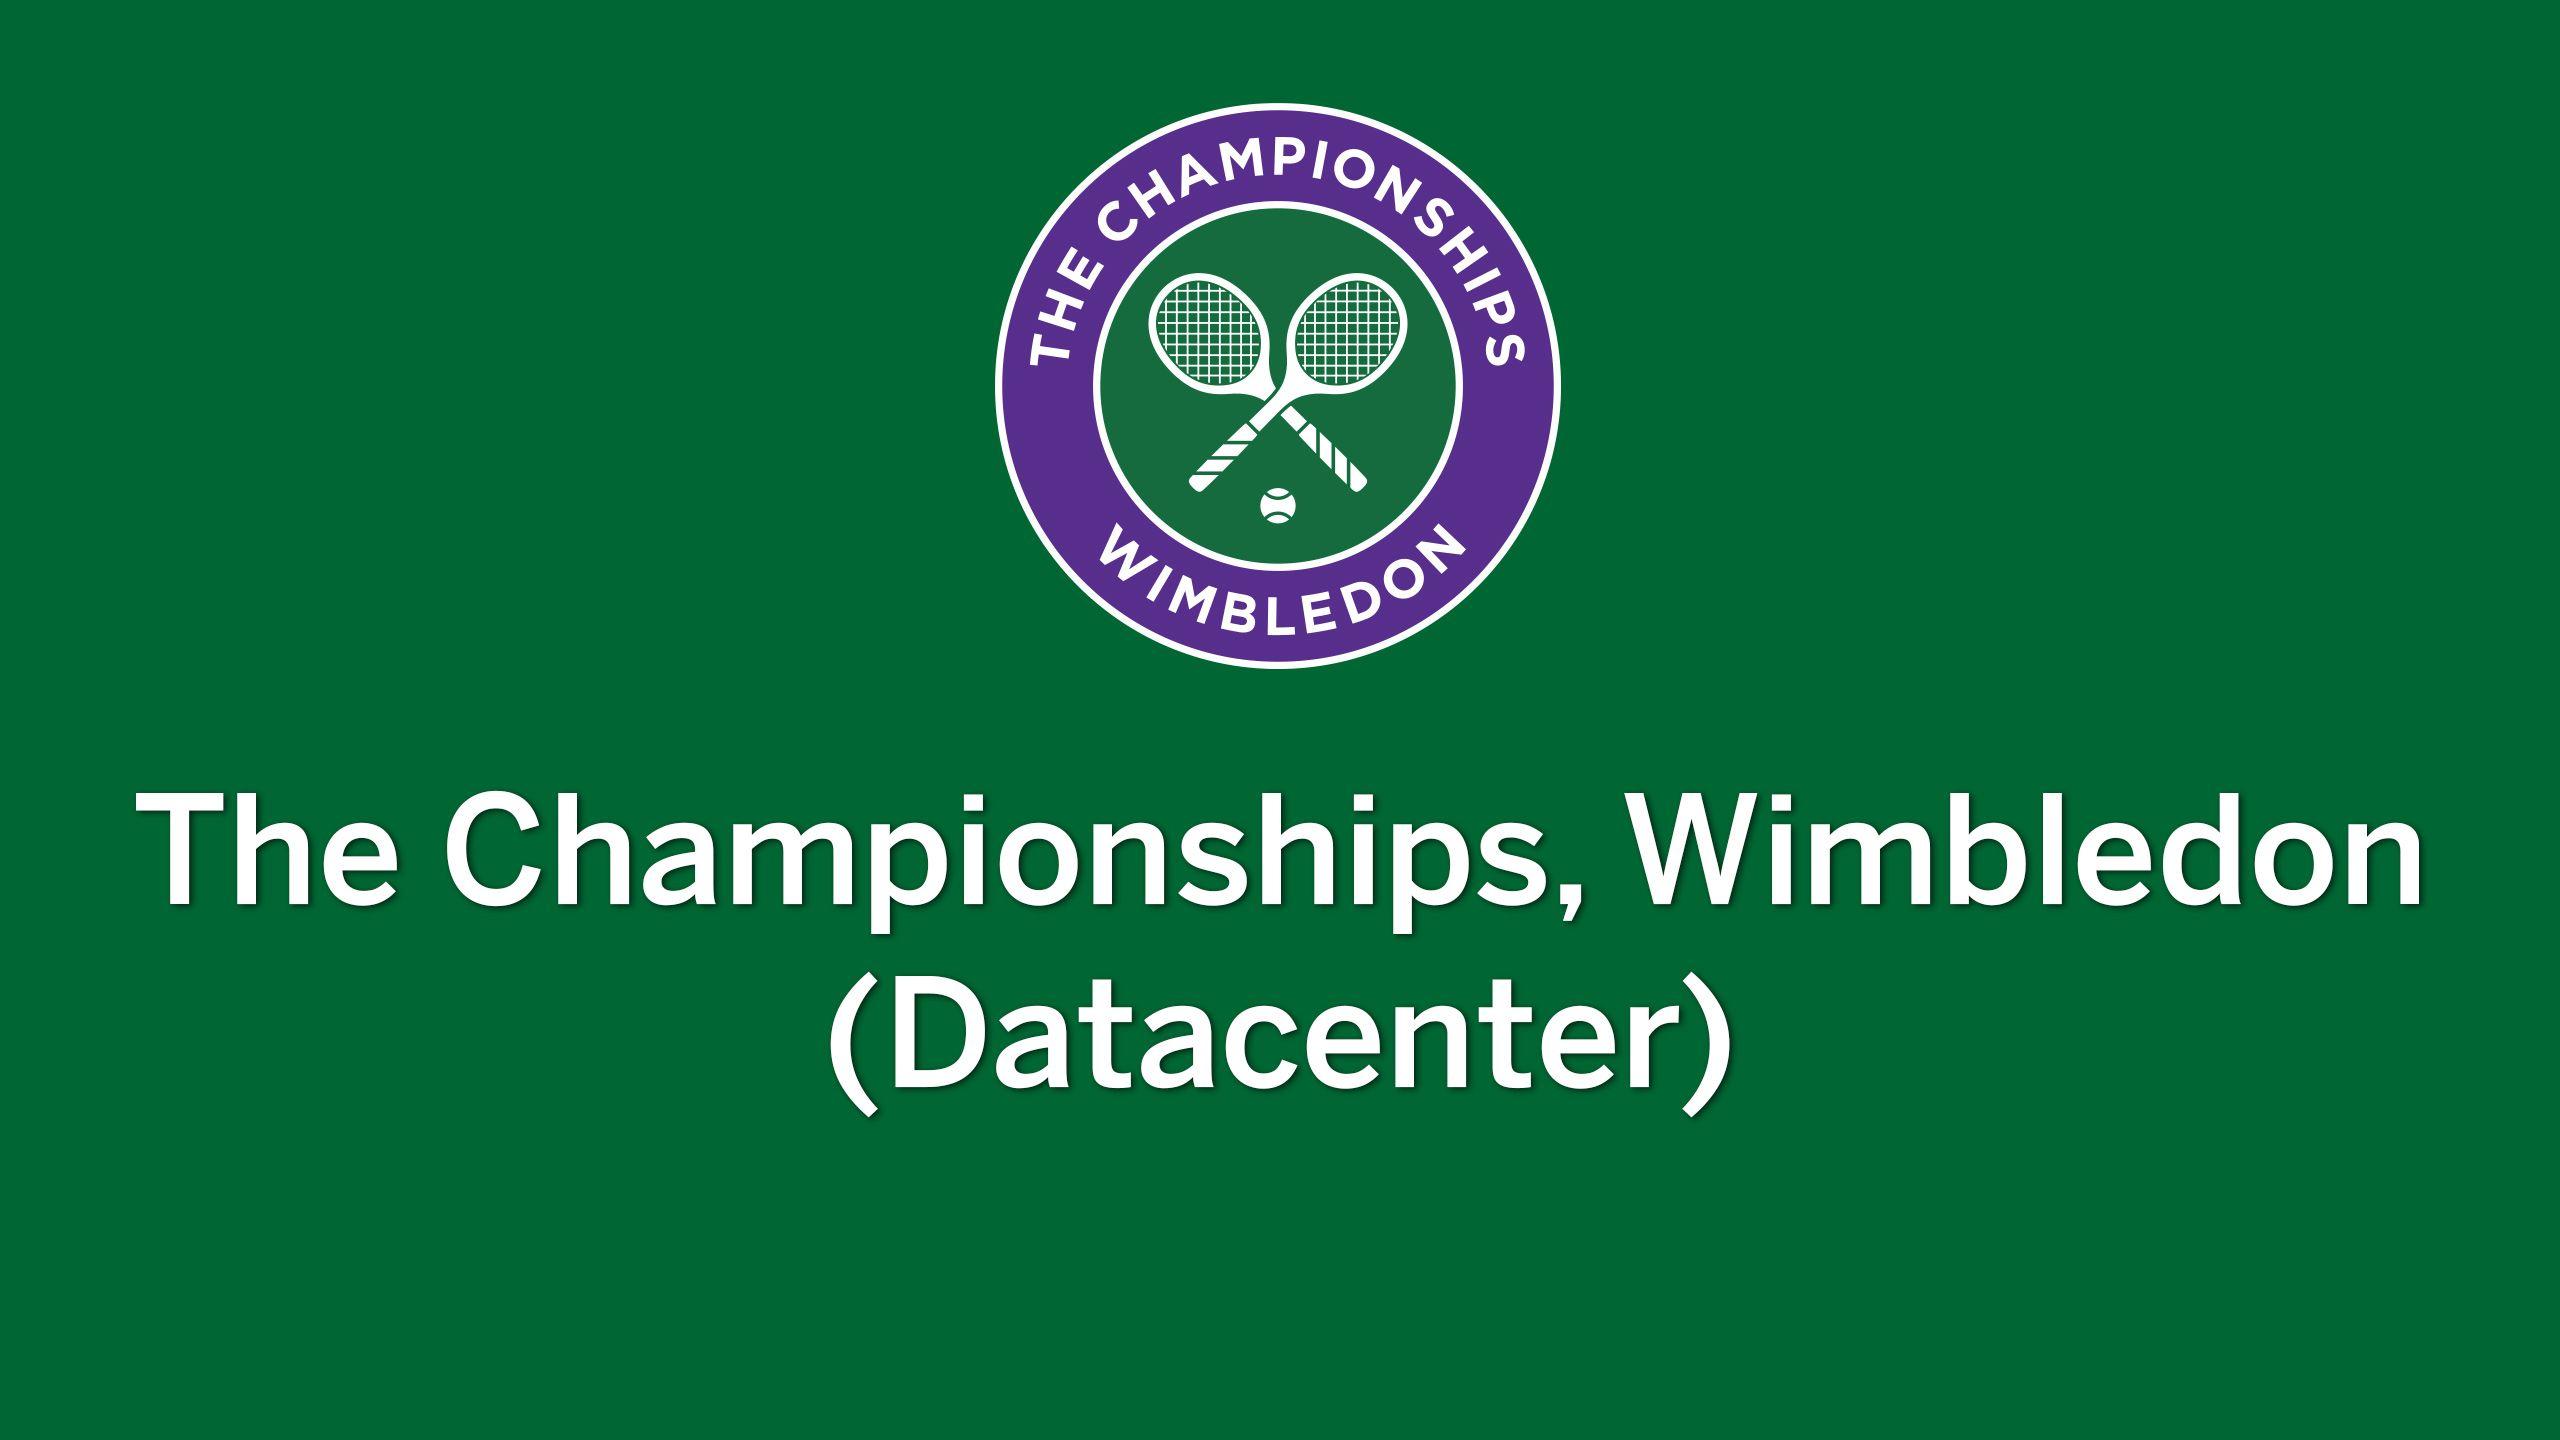 Wimbledon Datacenter (Gentlemen's Championship)